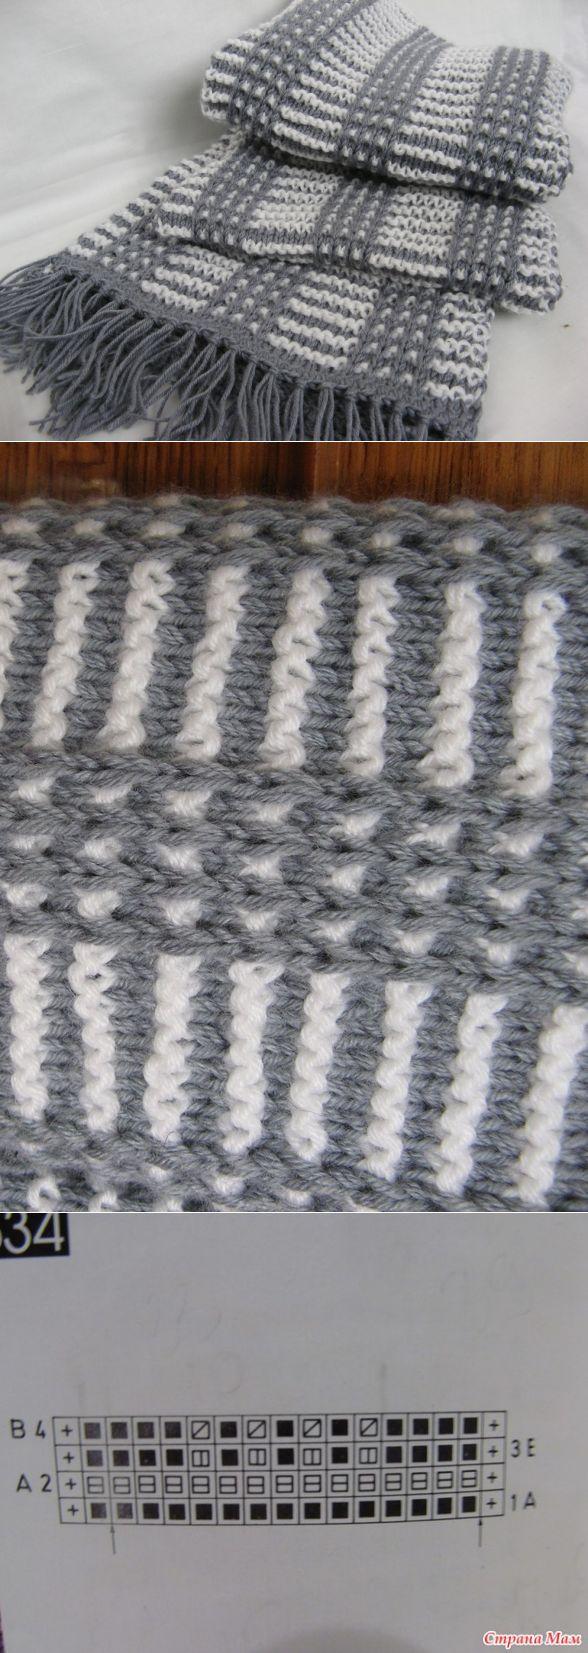 крученый шарф спицами схема